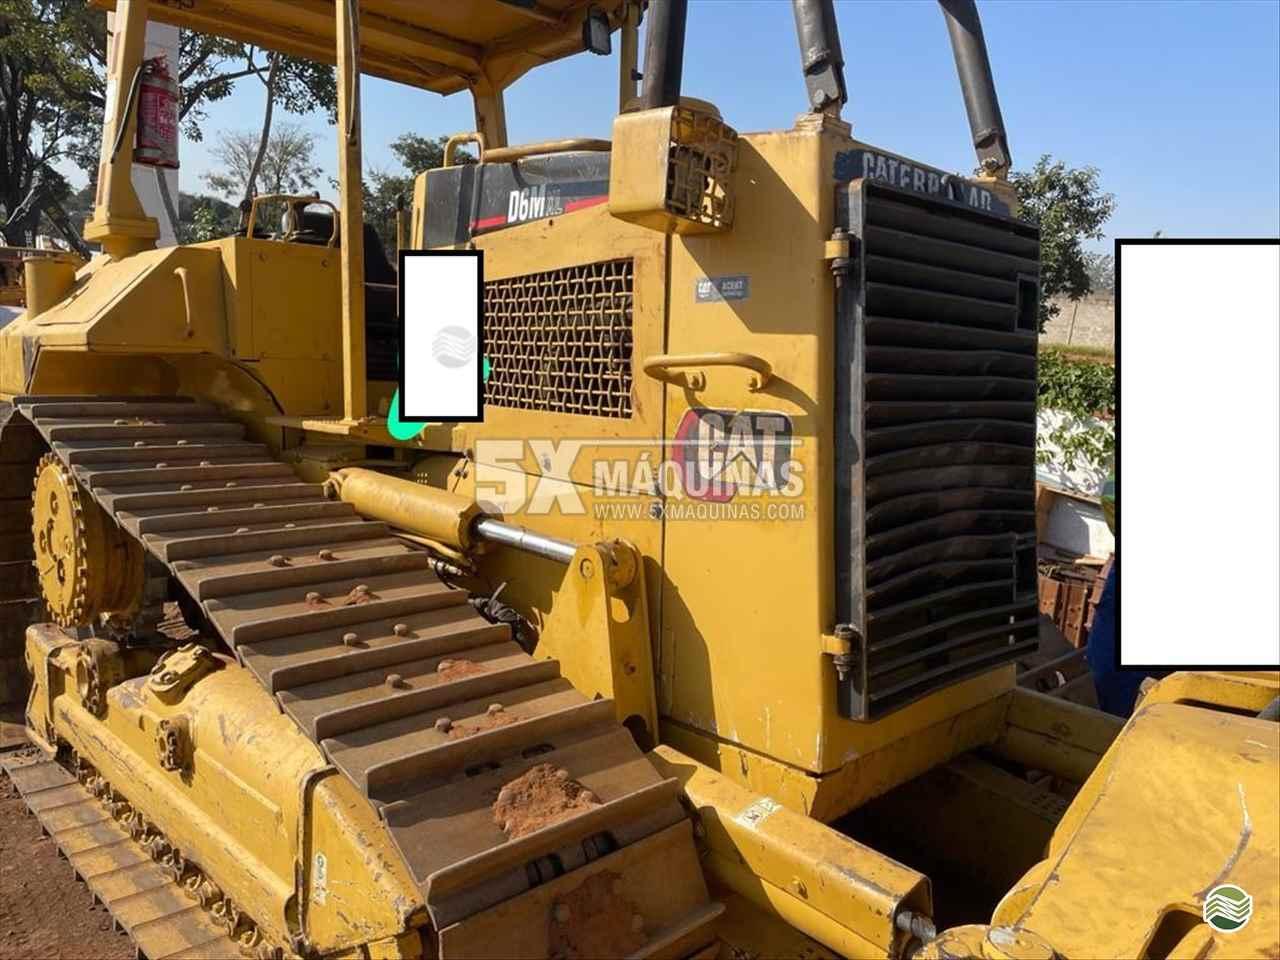 TRATOR ESTEIRA CATERPILLAR D6M 5X Máquinas  CAMPO GRANDE MATO GROSSO DO SUL MS